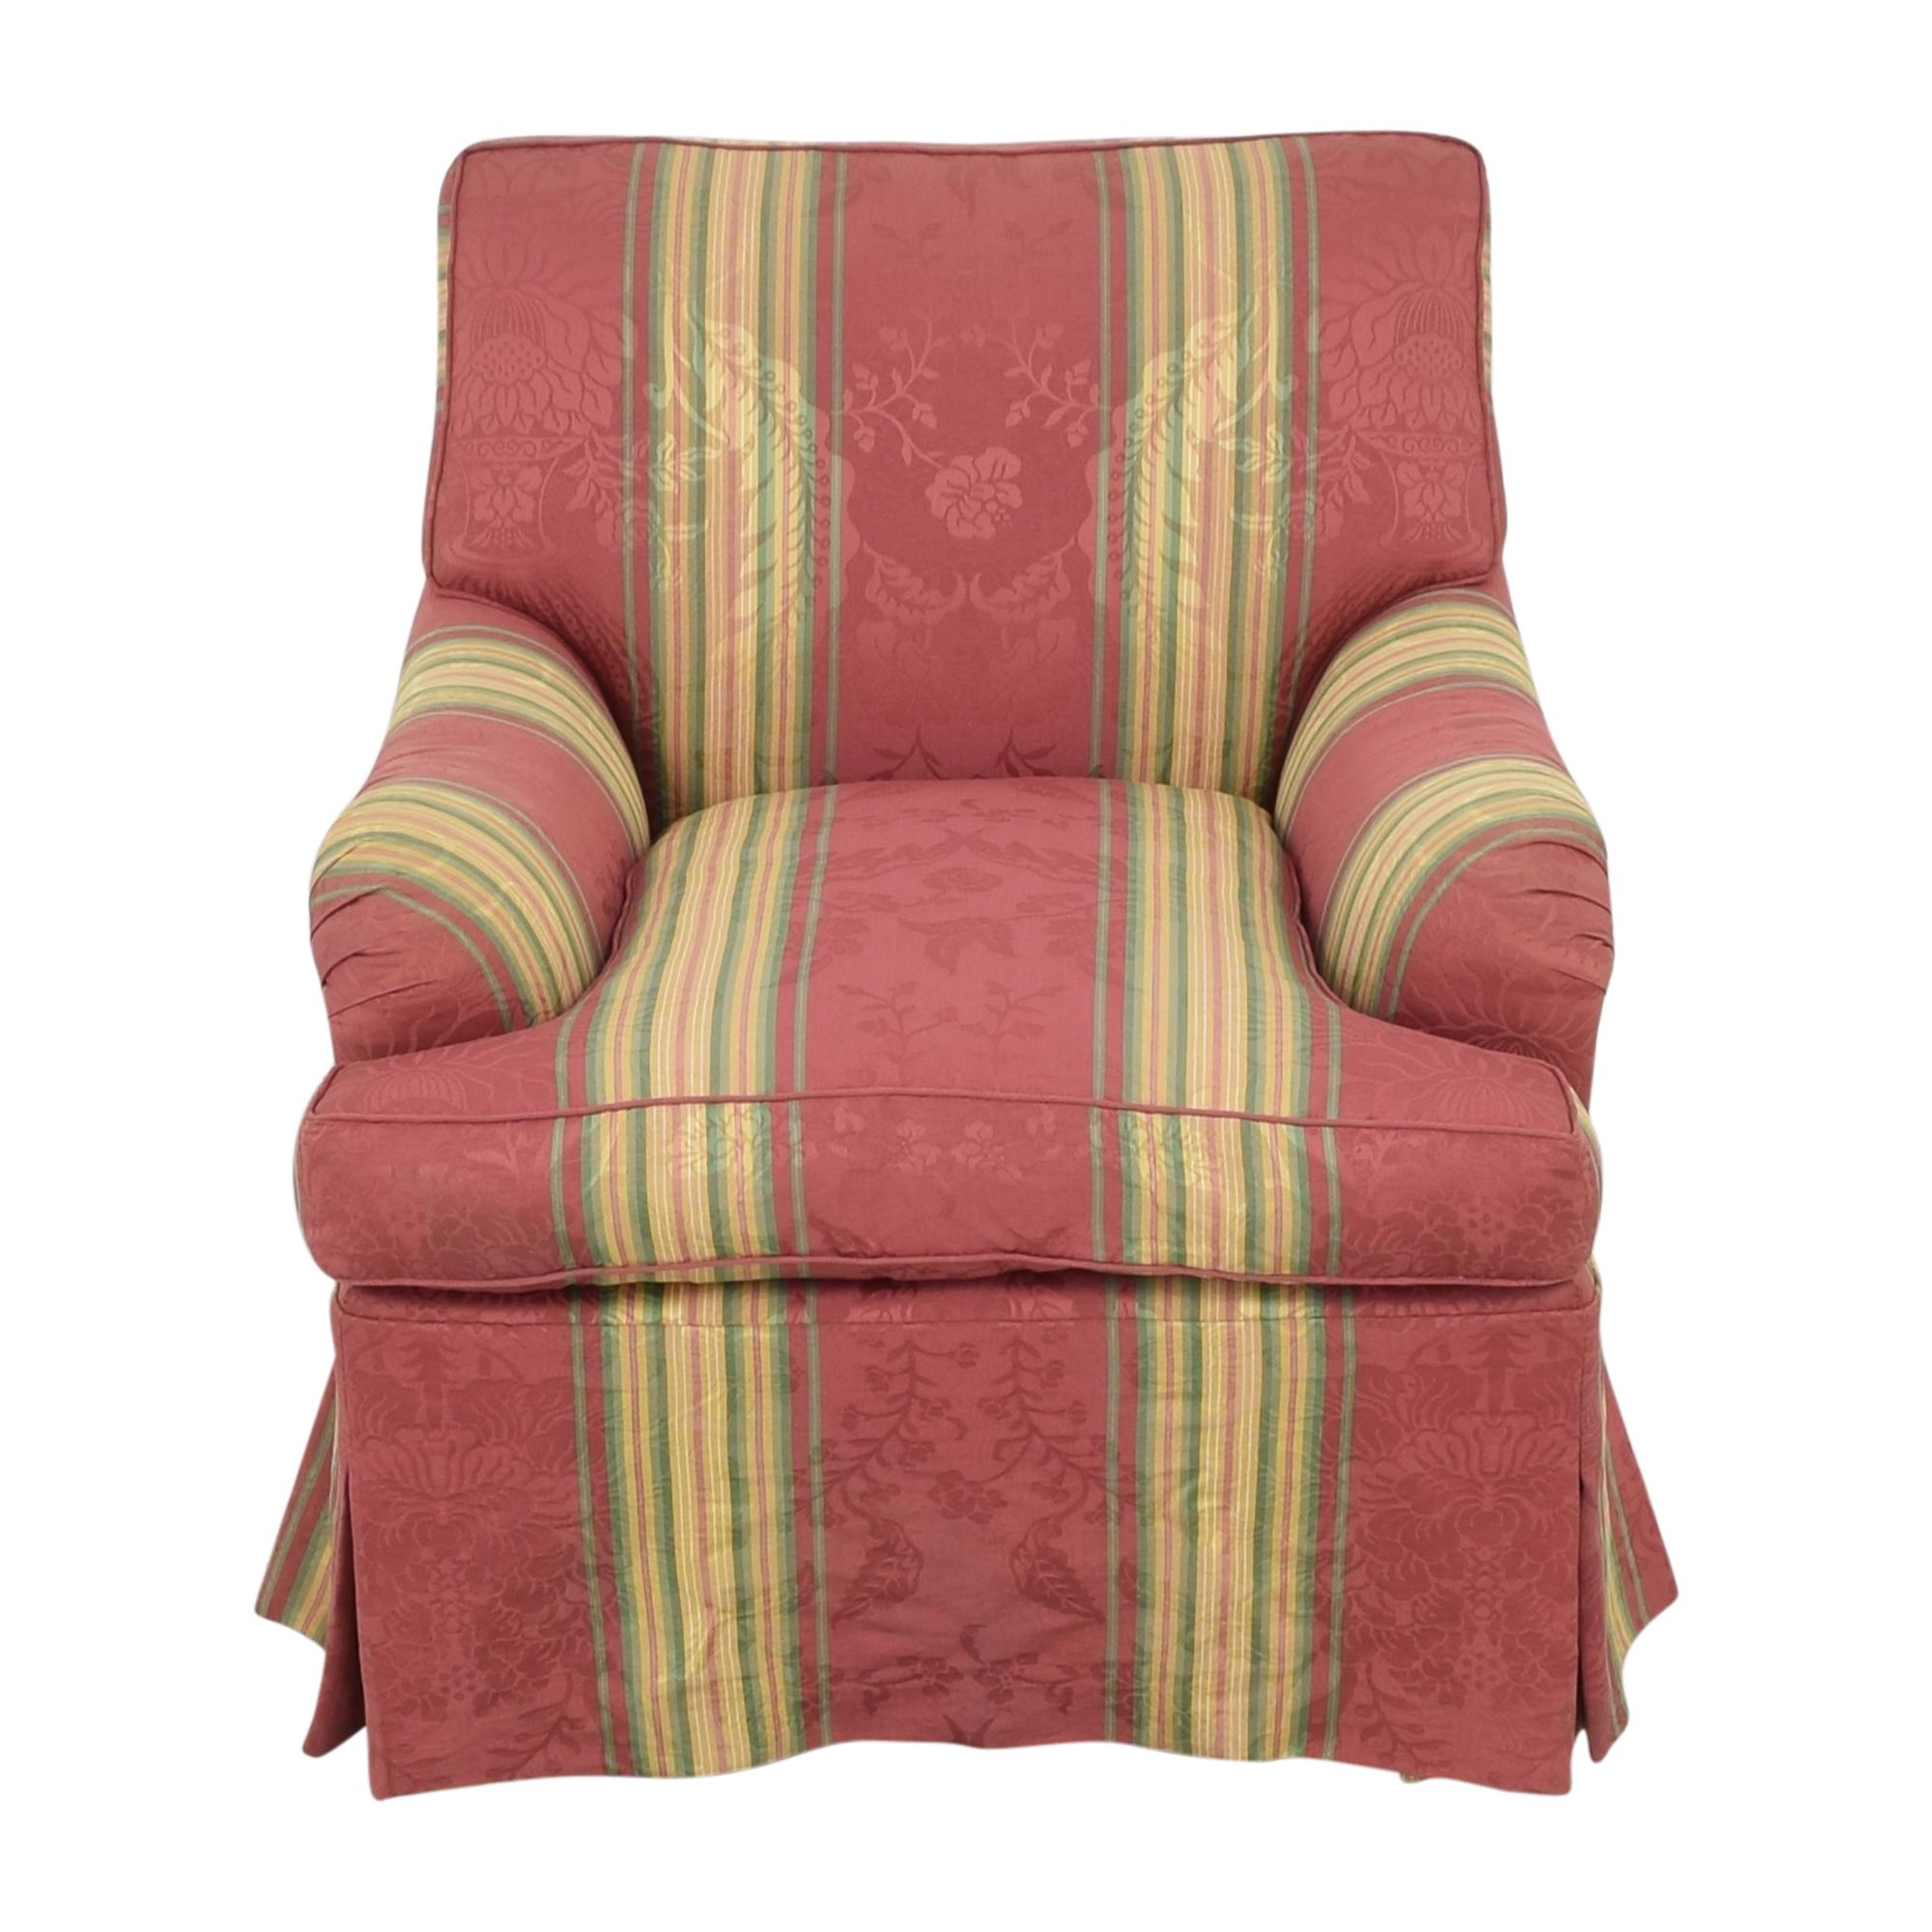 Bridgewater Accent Chair